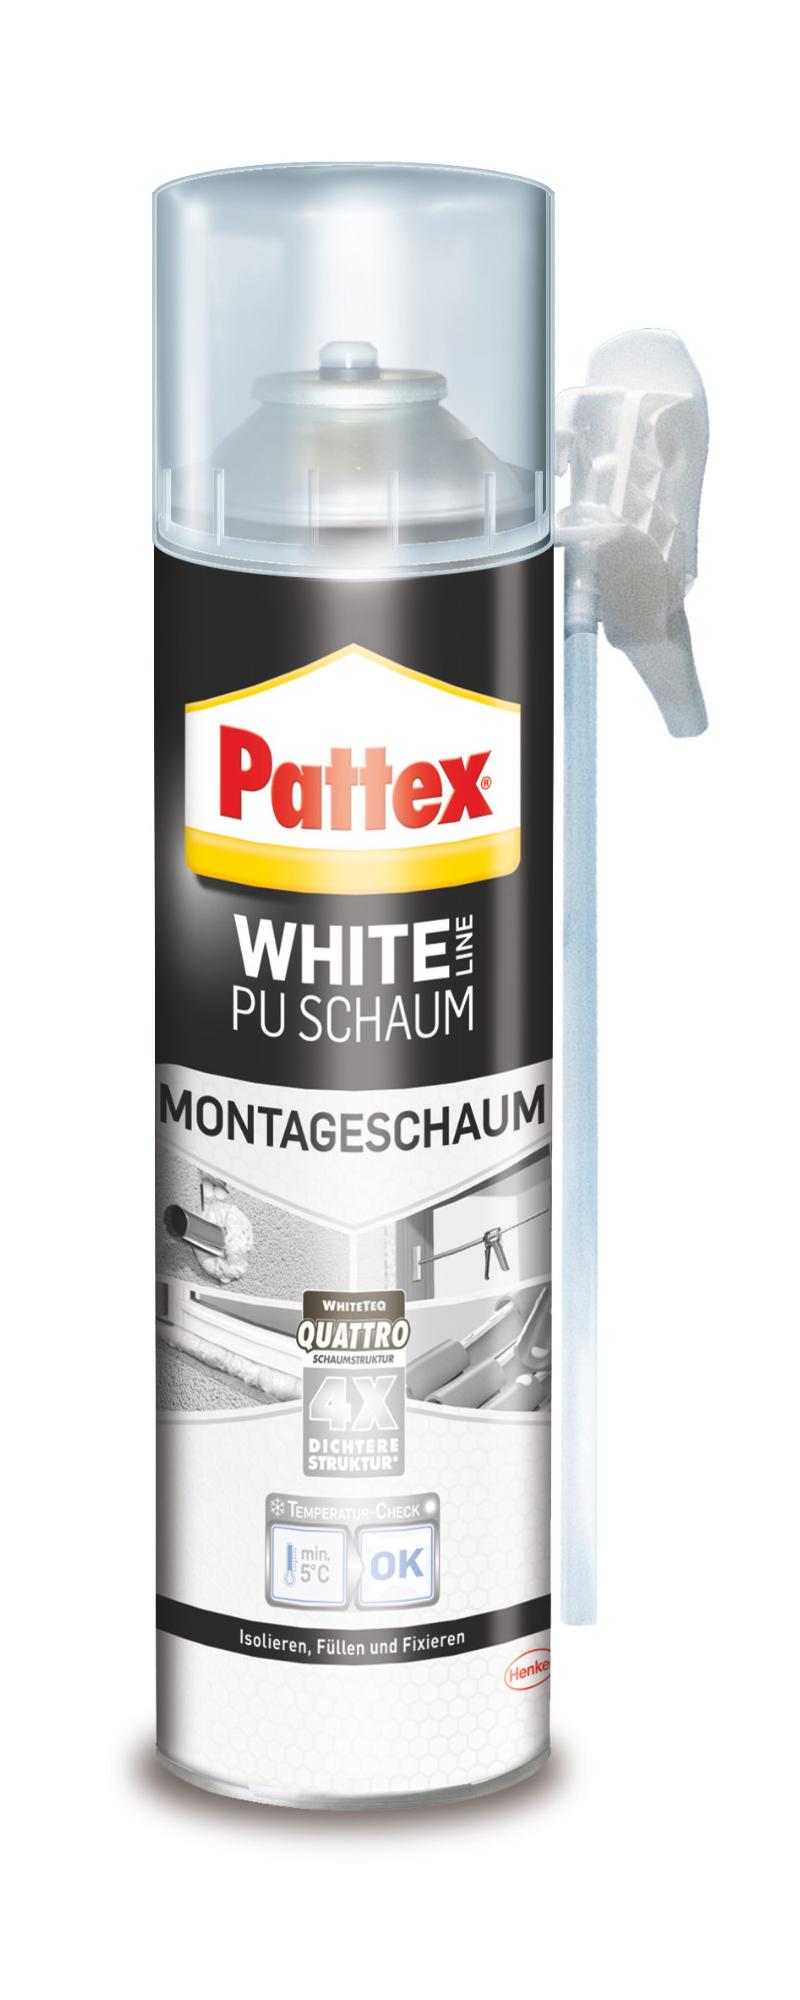 Pattex White Line Montageschaum 500ml Bild 1